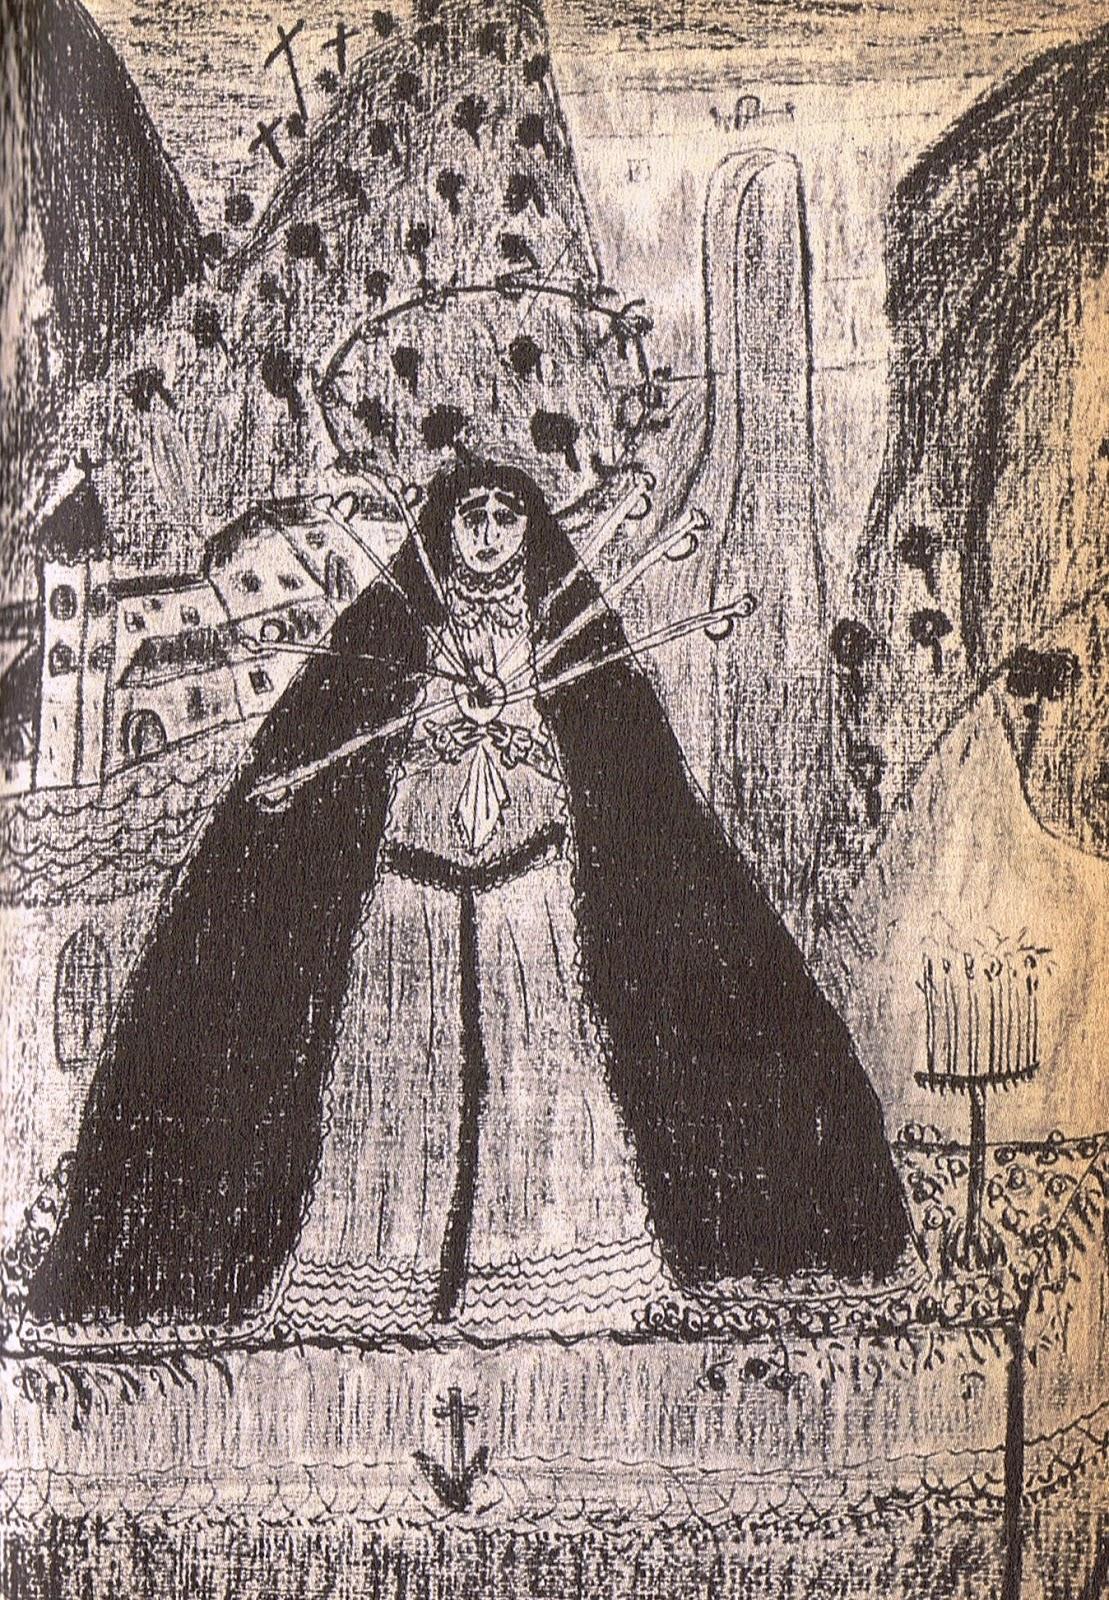 Dibujo de Lorca. Representa a la Virgen de los Siete Dolores